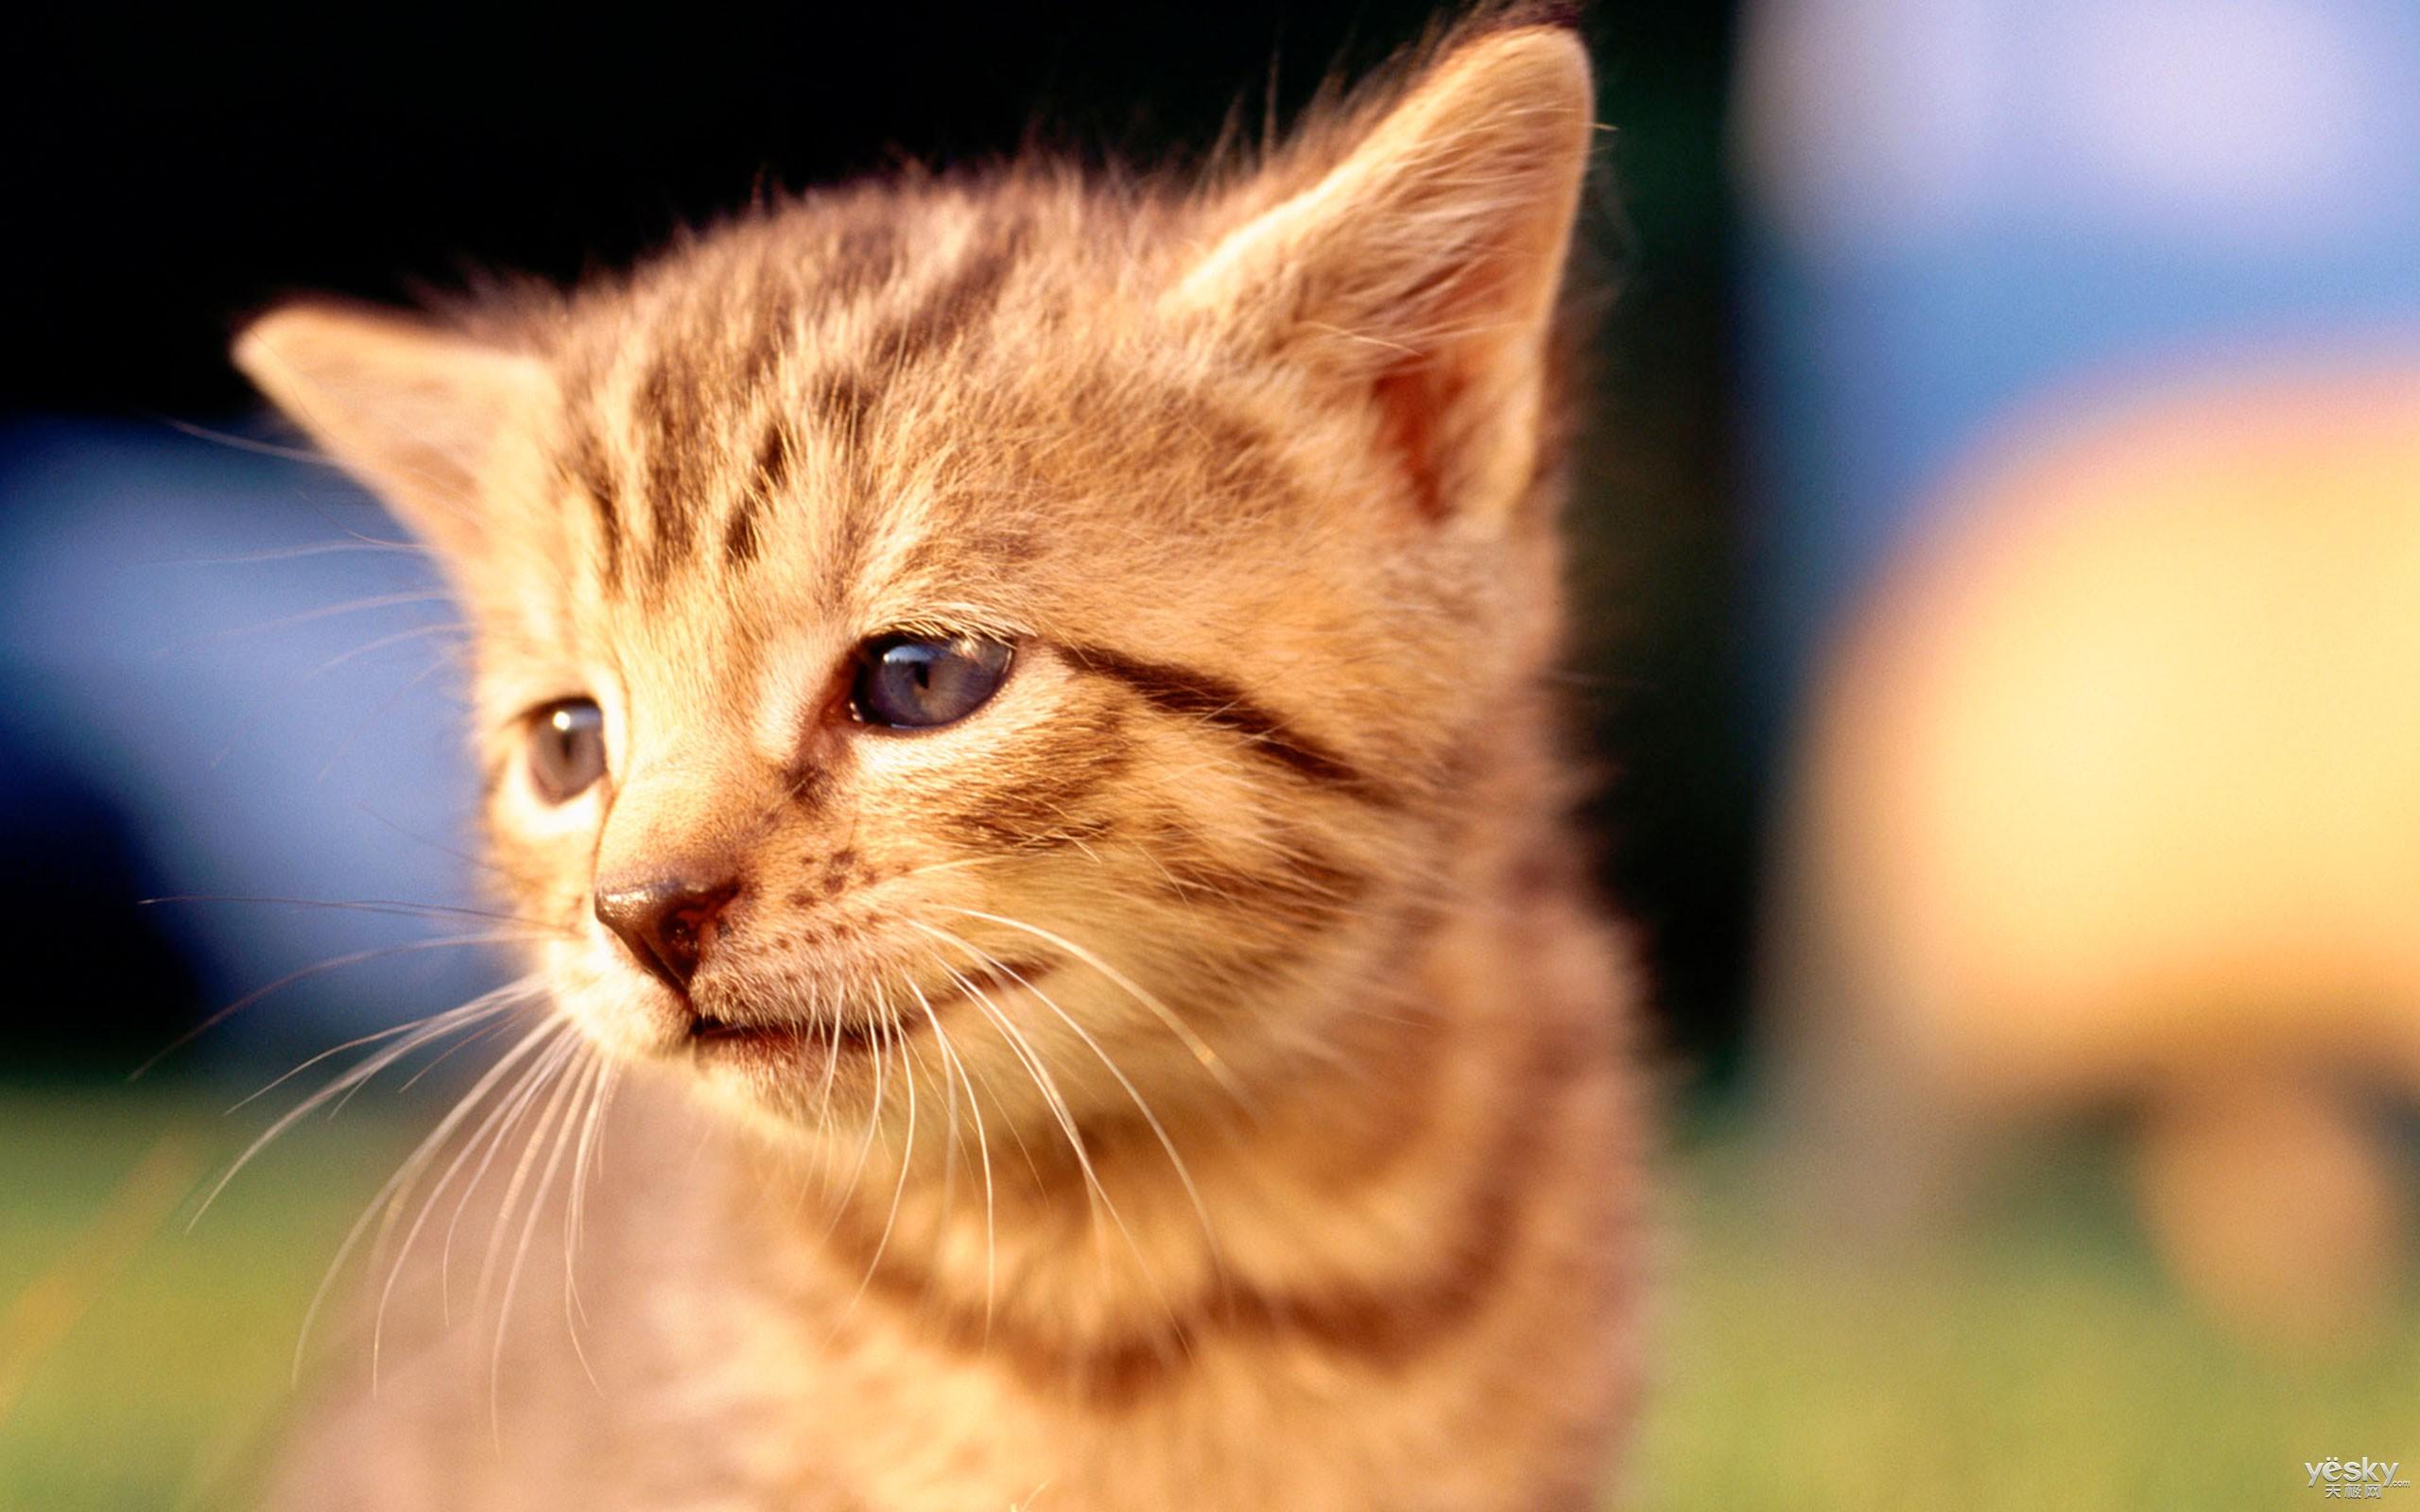 猫生气的时候,会使劲地摇尾巴.